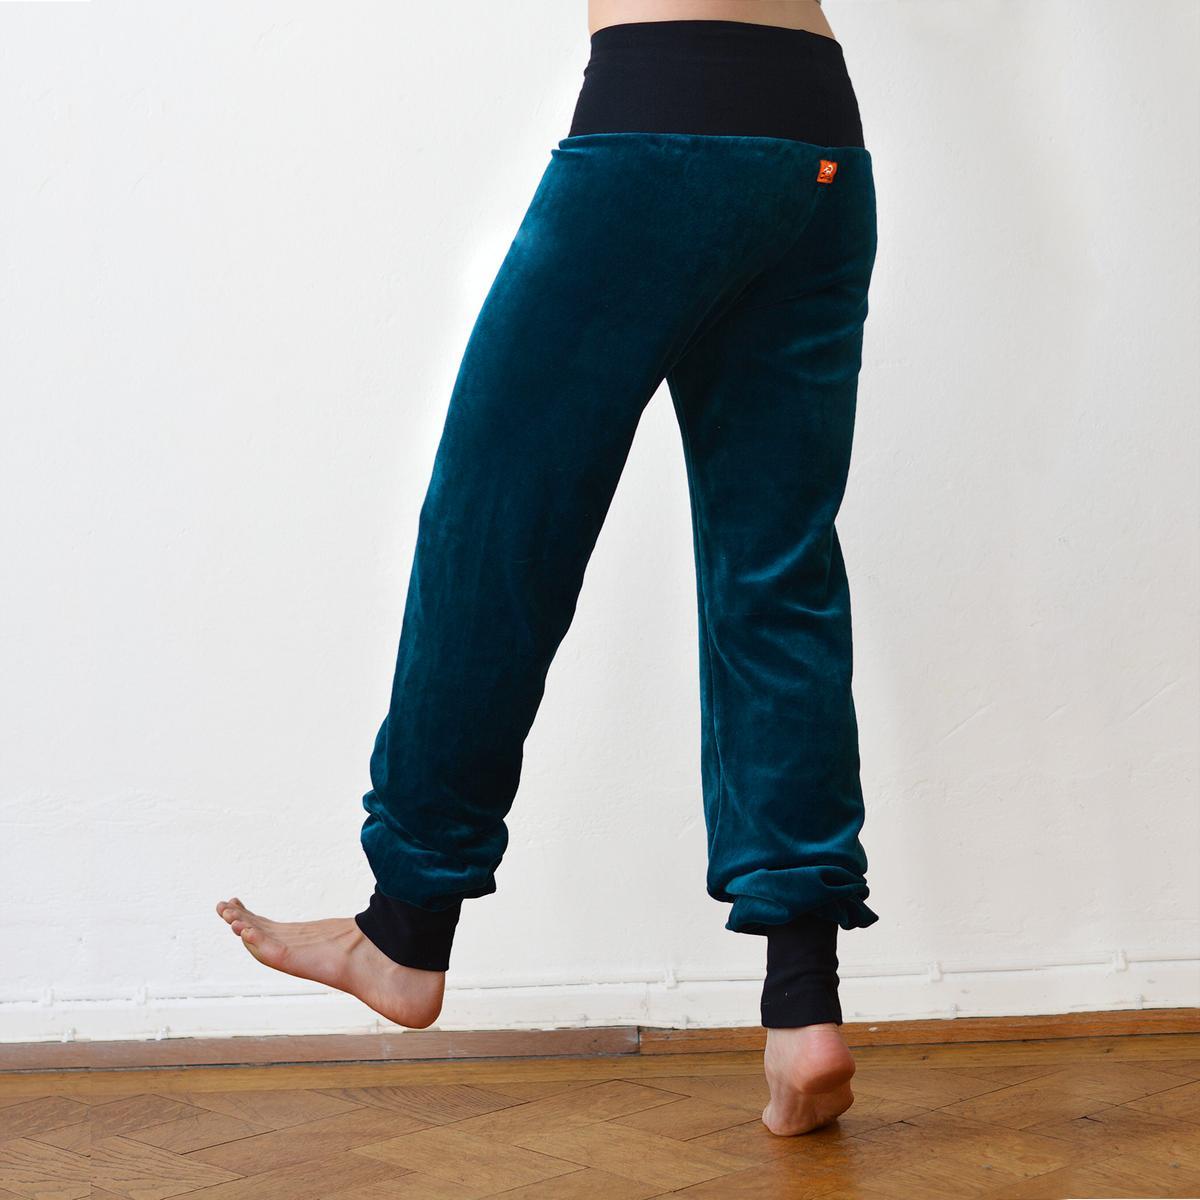 e1e16fc69598 Cmig Velourbyxor dam petrol/svart - Dam byxor bestellen - cmig - ekologiska  kläder / handtryckta tröjor och ateljésydda byxor från hannover